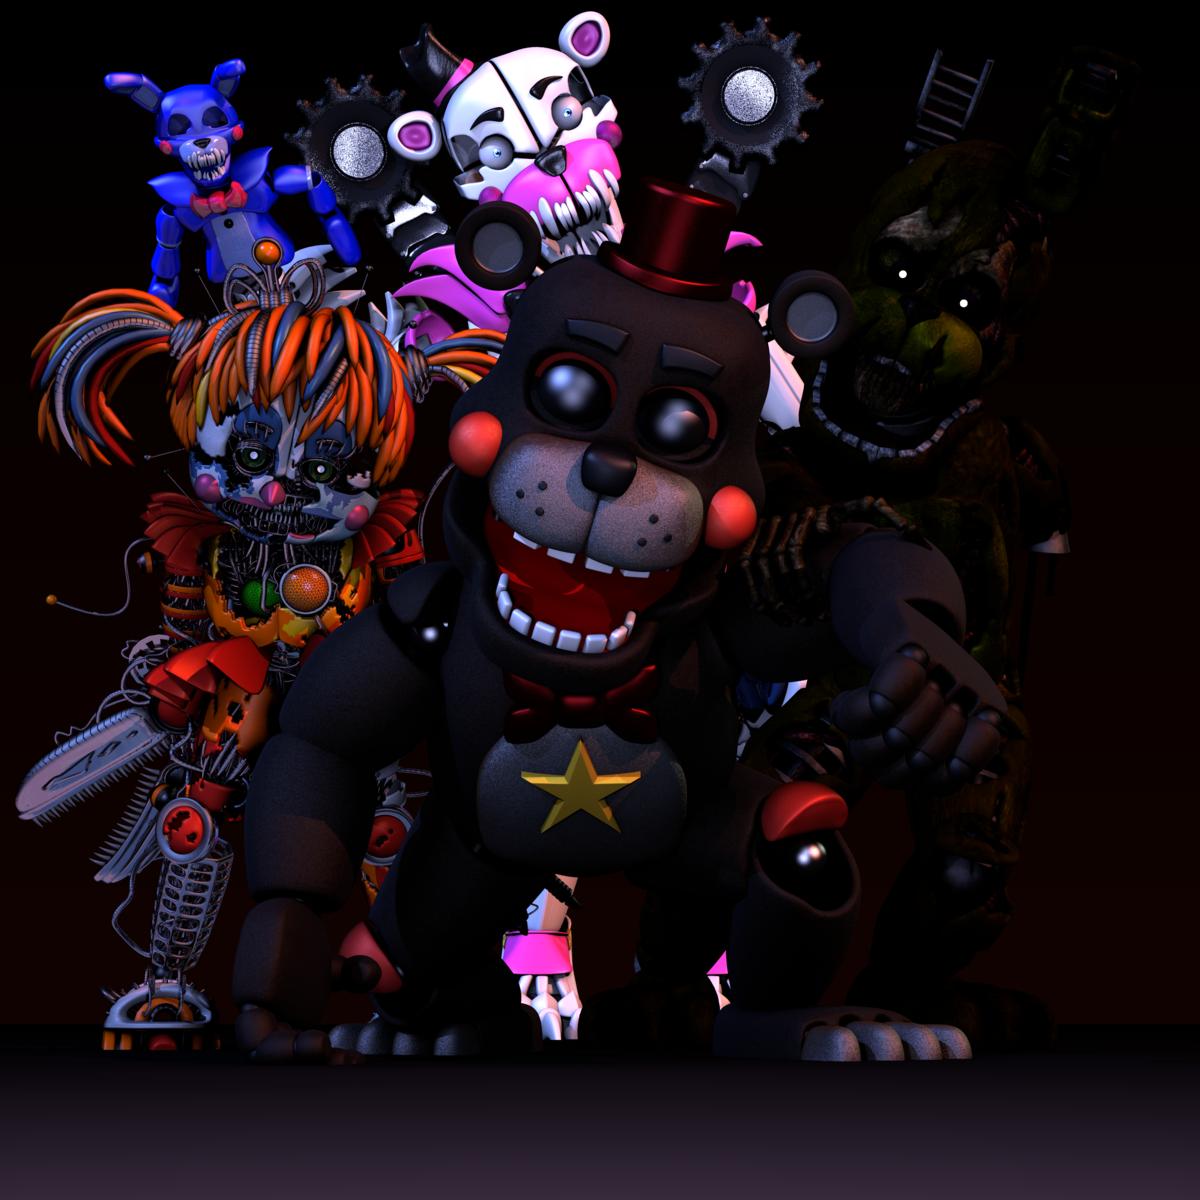 Картинки фнаф персонажей